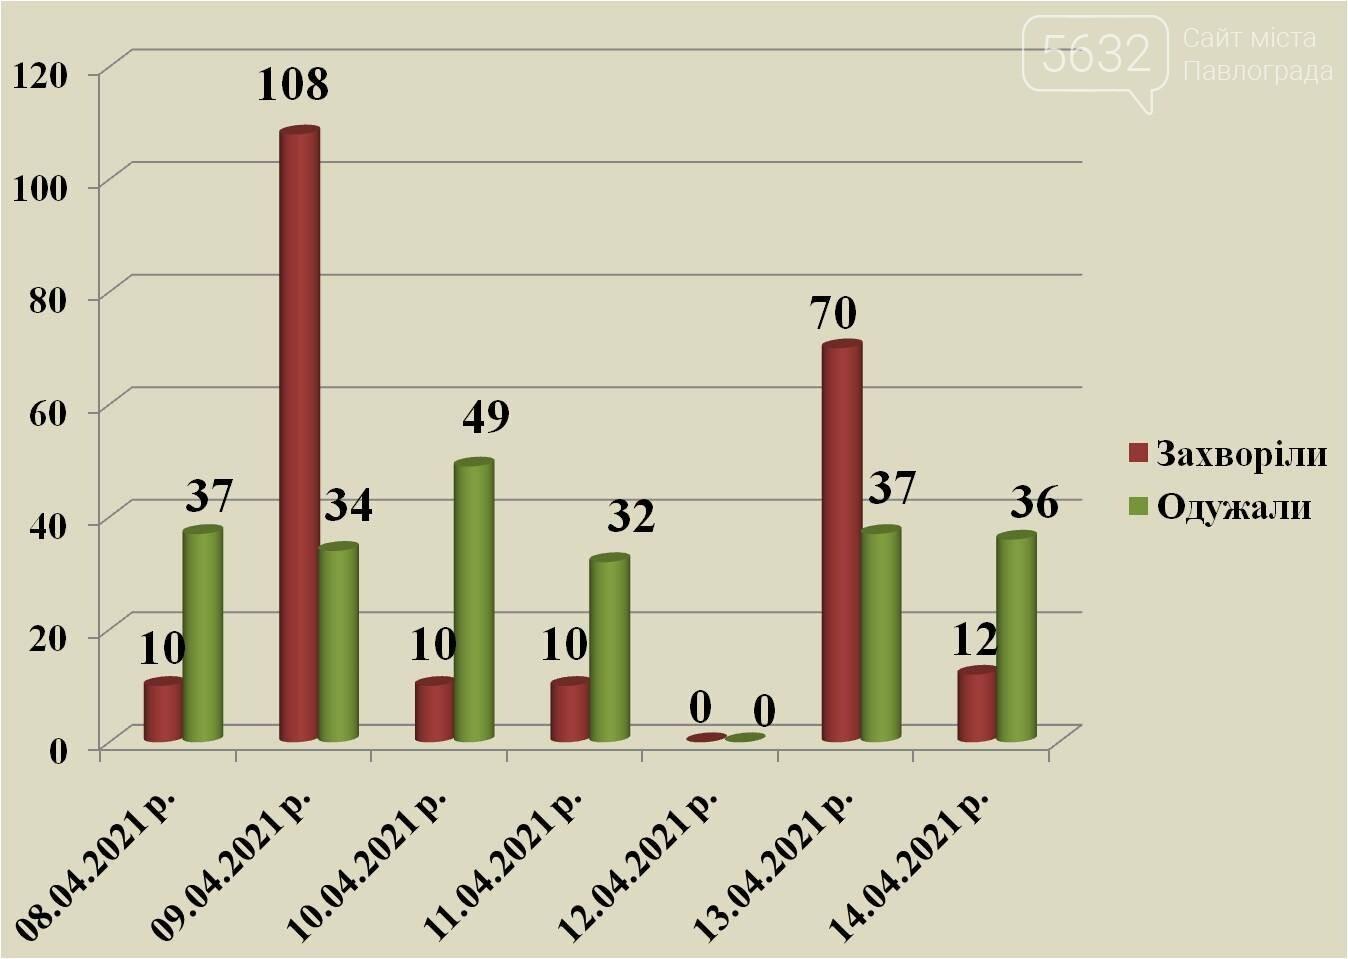 За сутки в Павлограде от коронавируса выздоровело в 3 раза больше людей, чем заболело, фото-1